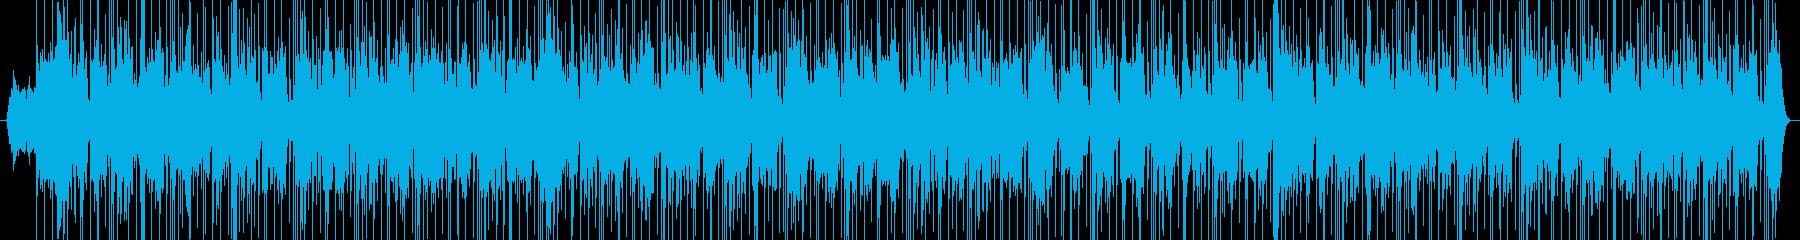 明るく爽やかなポップス・インストの再生済みの波形